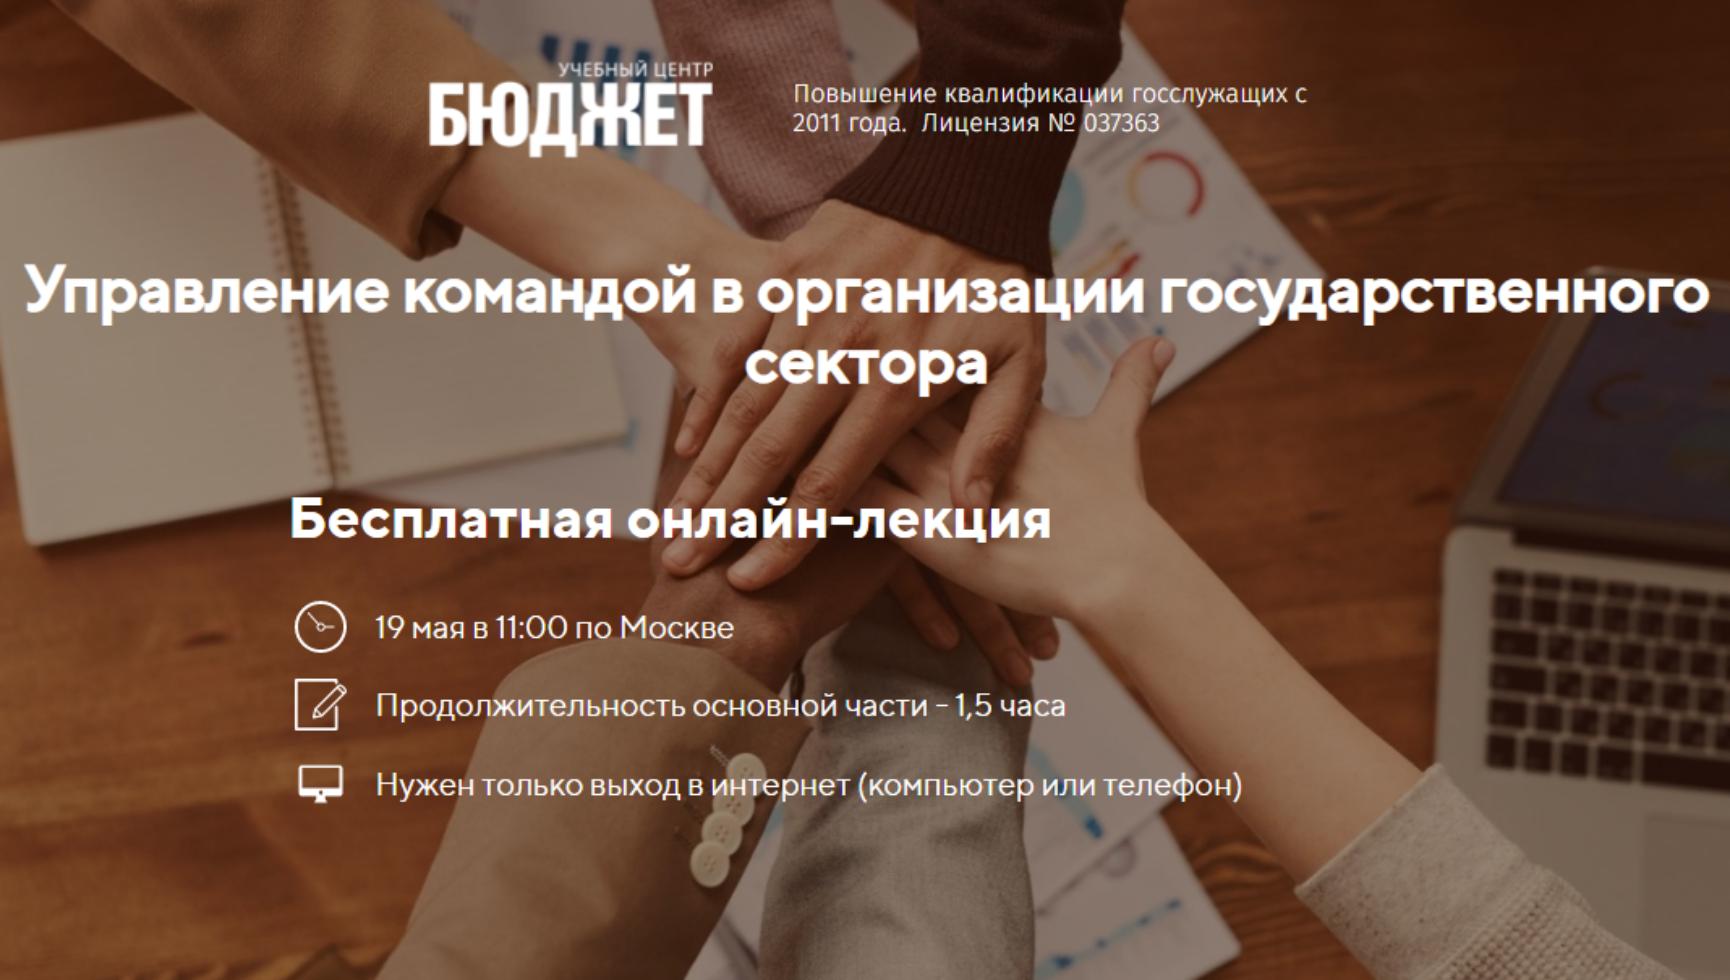 Учебный центр «Бюджет» организует открытую онлайн-лекцию «Управление командой в организации государственного сектора»